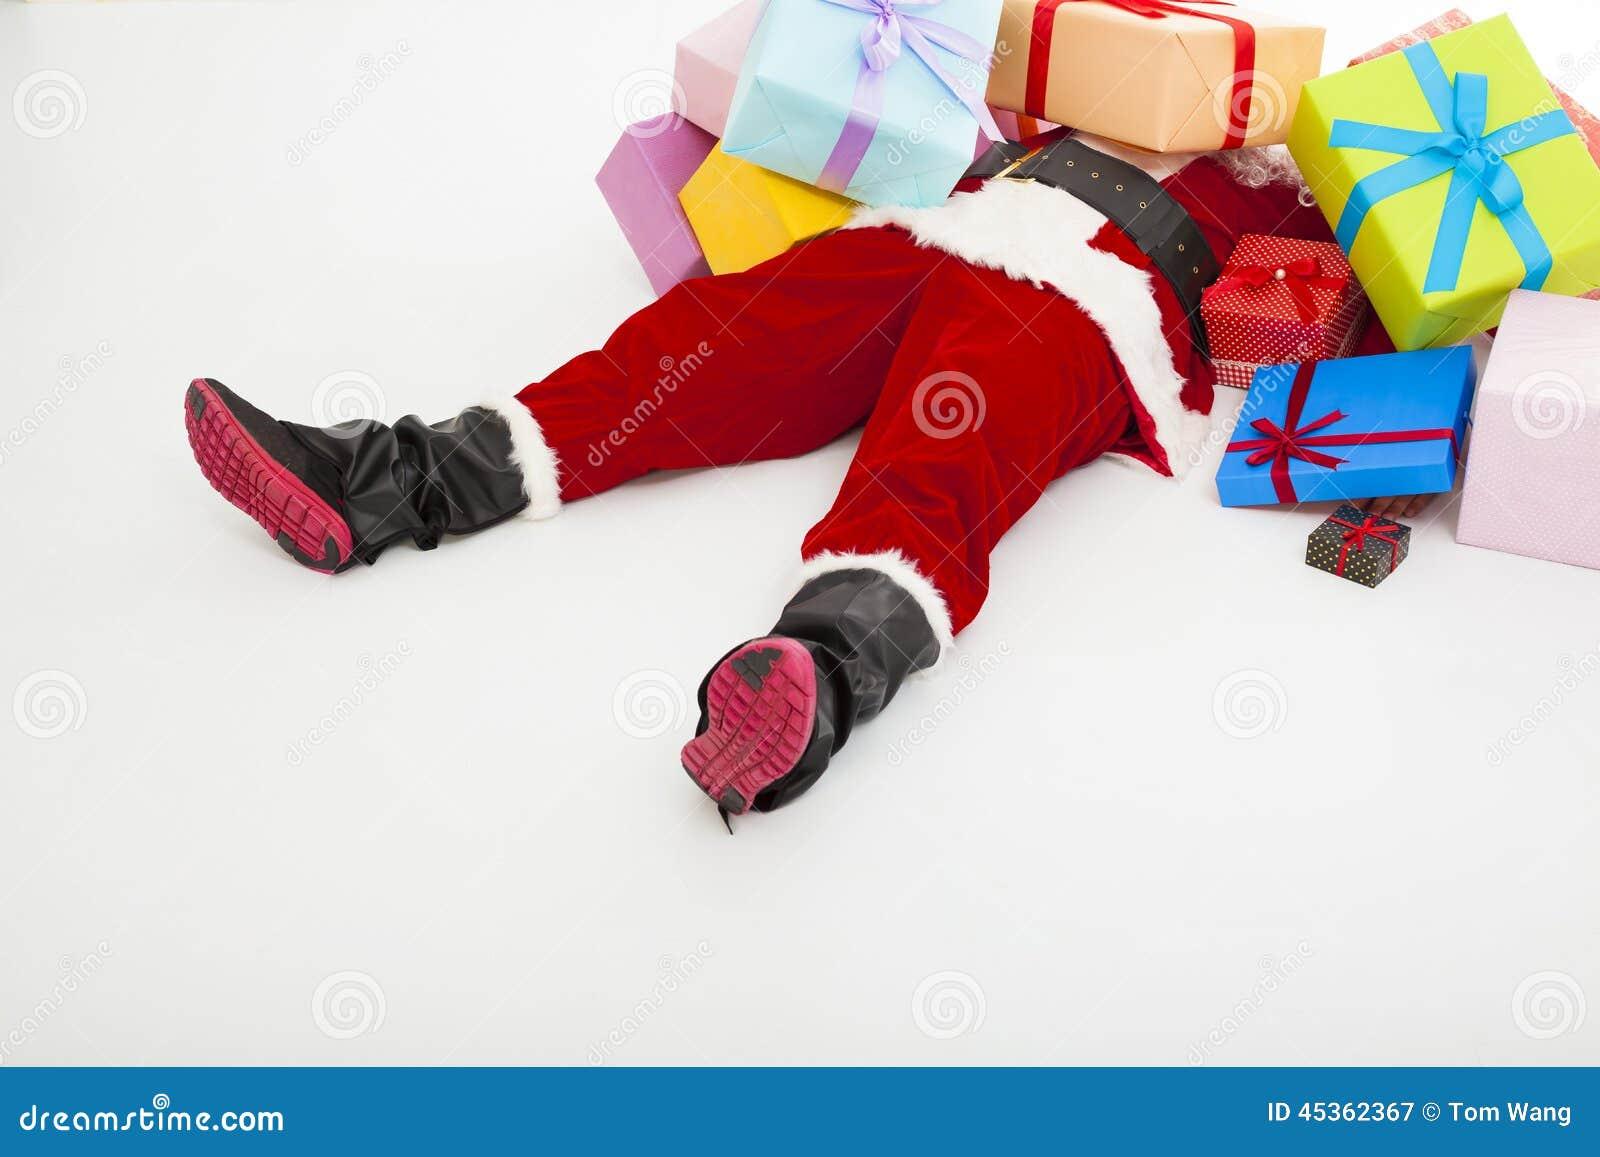 Le père noël a aussi fatigué pour se trouver sur le plancher avec beaucoup de boîte-cadeau